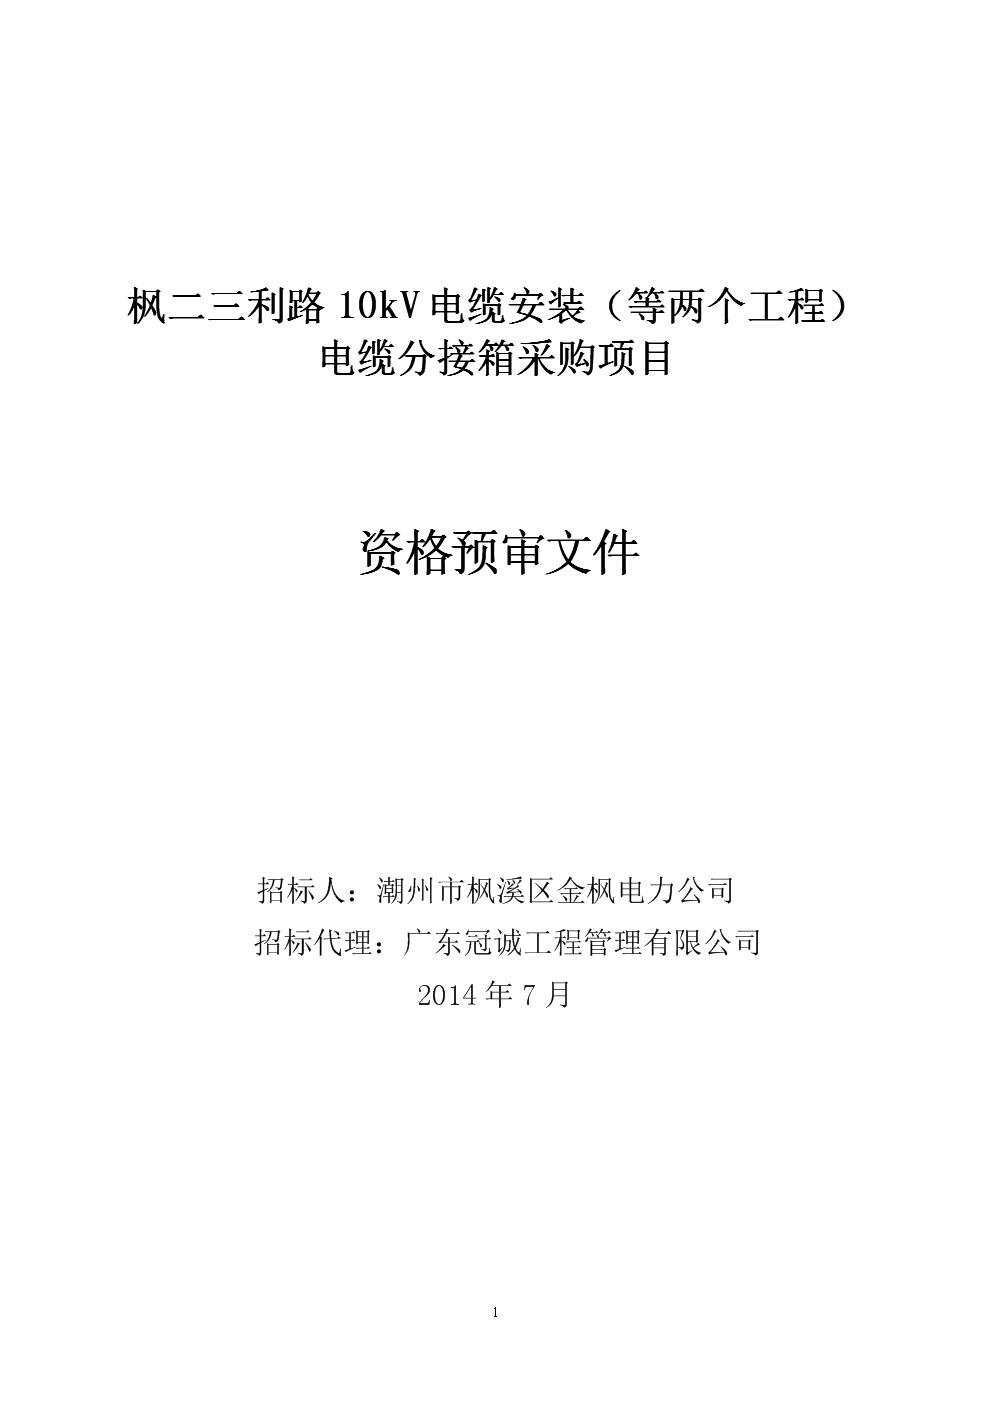 枫二三利路10kV电缆安装等两个工程电缆分接箱采购项目.doc